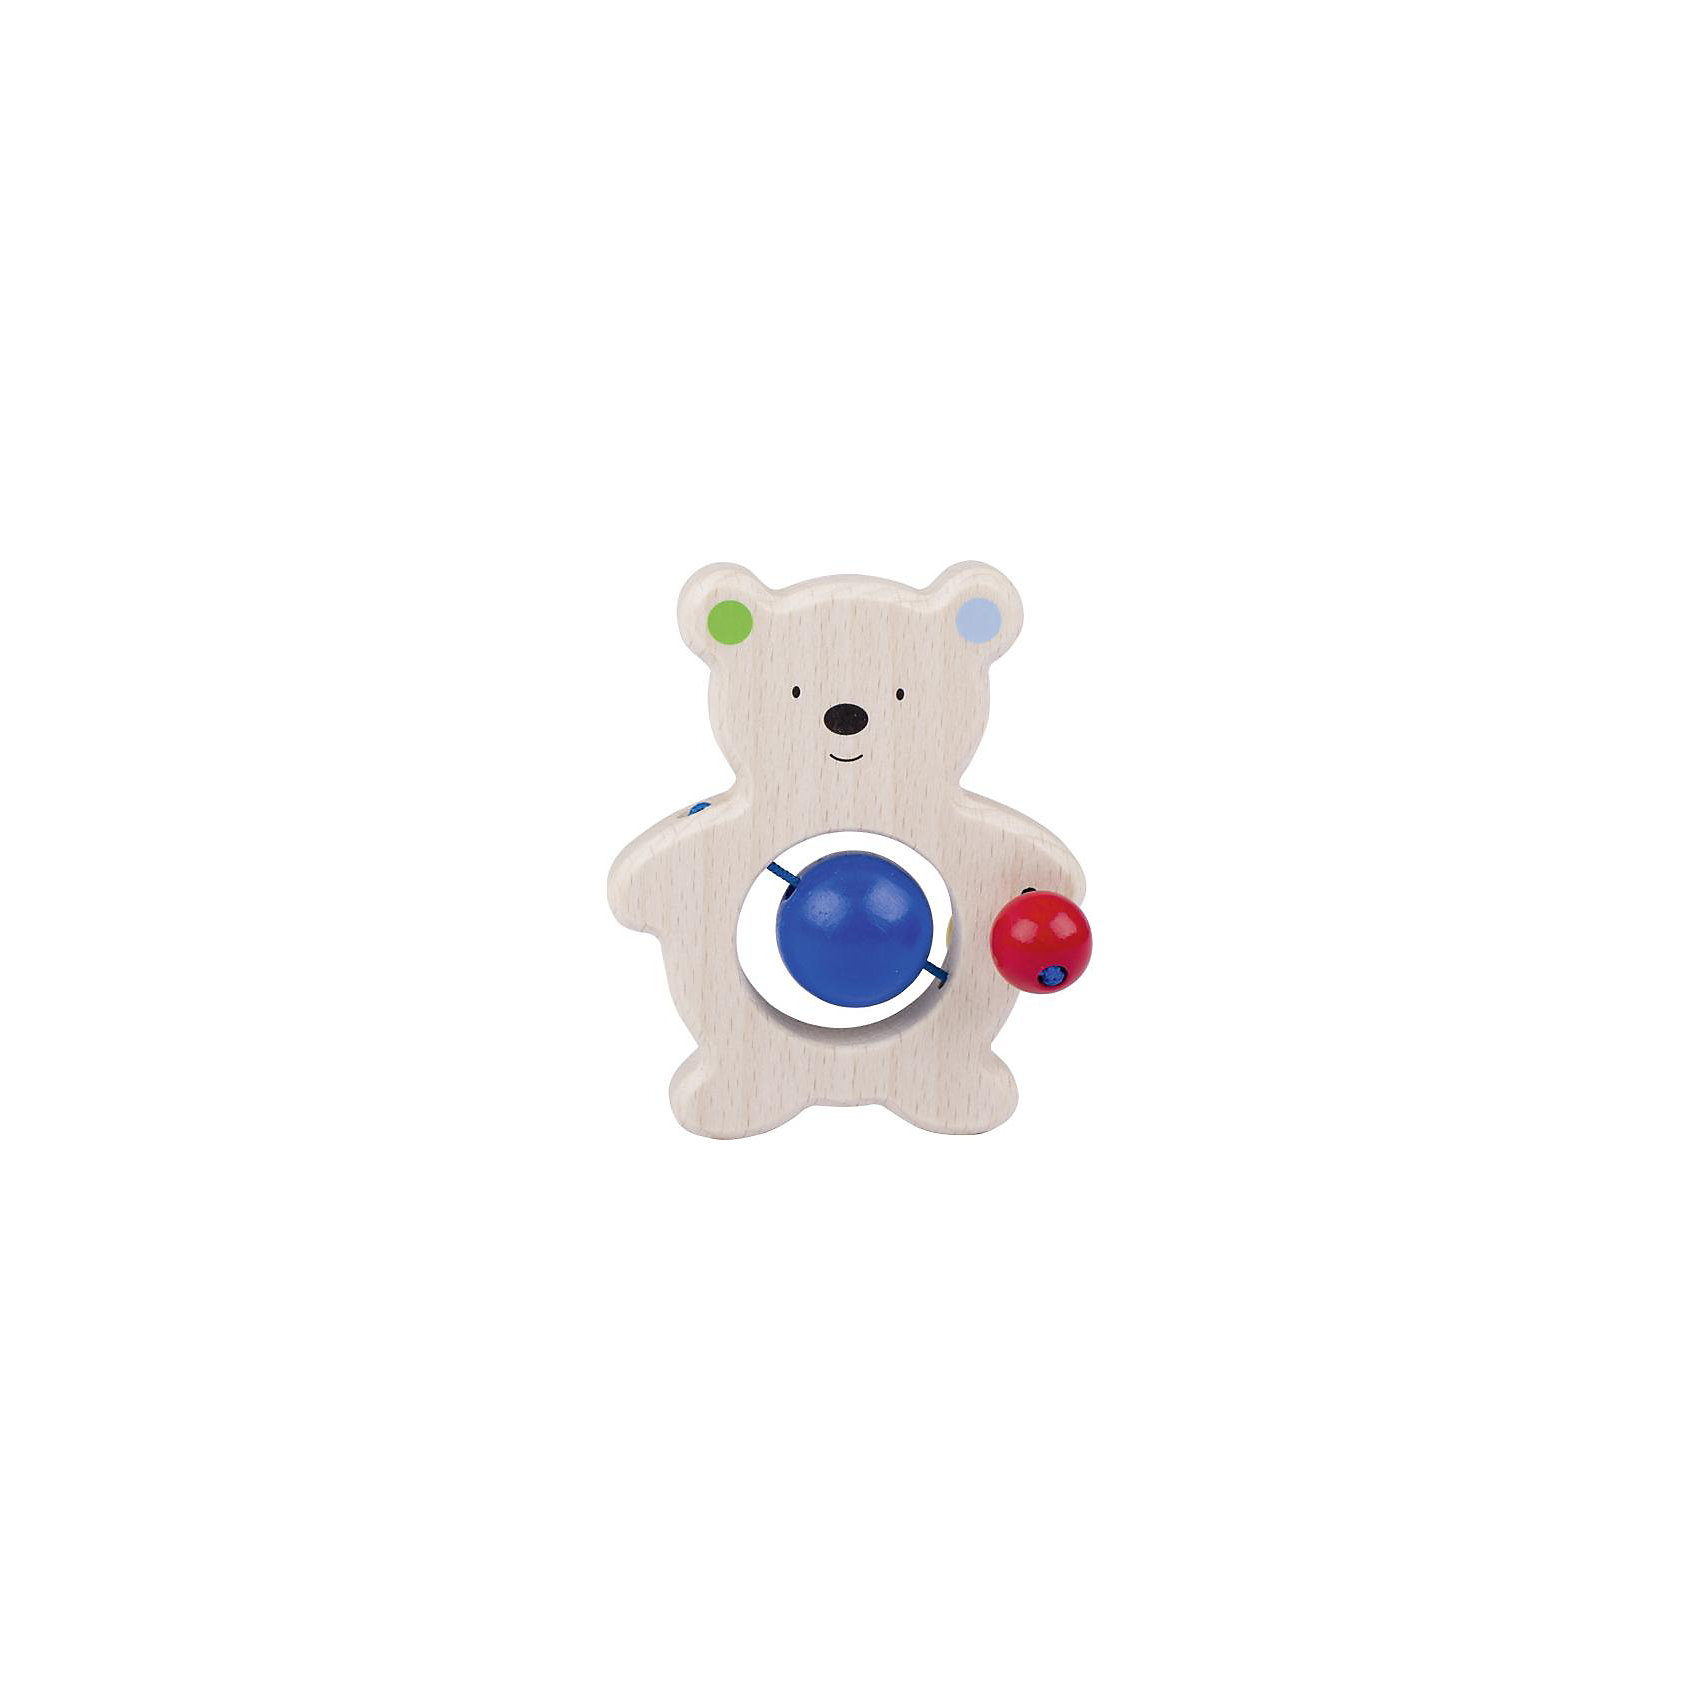 Игрушка Медвежонок с бусинками, HEIMESSПрорезыватели<br>Характеристики товара:<br><br>- цвет: разноцветный;<br>- материал: дерево;<br>- размер упаковки: 10 x 10 x 10 см;<br>- вес: 50 г.<br><br>Детская красивая игрушка – отличный подарок для родителей и ребенка. В процессе игры с ней ребенок развивает моторику, тактильное восприятие, воображение, внимание и координацию движений. Игрушка тщательно обработана, её можно кусать - она сделана из безопасного дерева. Игрушка разработана специально для маленьких ручек ребёнка. <br>Такая игрушка позволит малышу с детства развивать цветовосприятие, также она помогает детям научиться фокусировать внимание. Изделие произведено из качественных материалов, безопасных для ребенка.<br><br>Игрушку Медвежонок с бусинками от бренда HEIMESS можно купить в нашем интернет-магазине.<br><br>Ширина мм: 100<br>Глубина мм: 100<br>Высота мм: 100<br>Вес г: 50<br>Возраст от месяцев: 3<br>Возраст до месяцев: 24<br>Пол: Унисекс<br>Возраст: Детский<br>SKU: 5155298